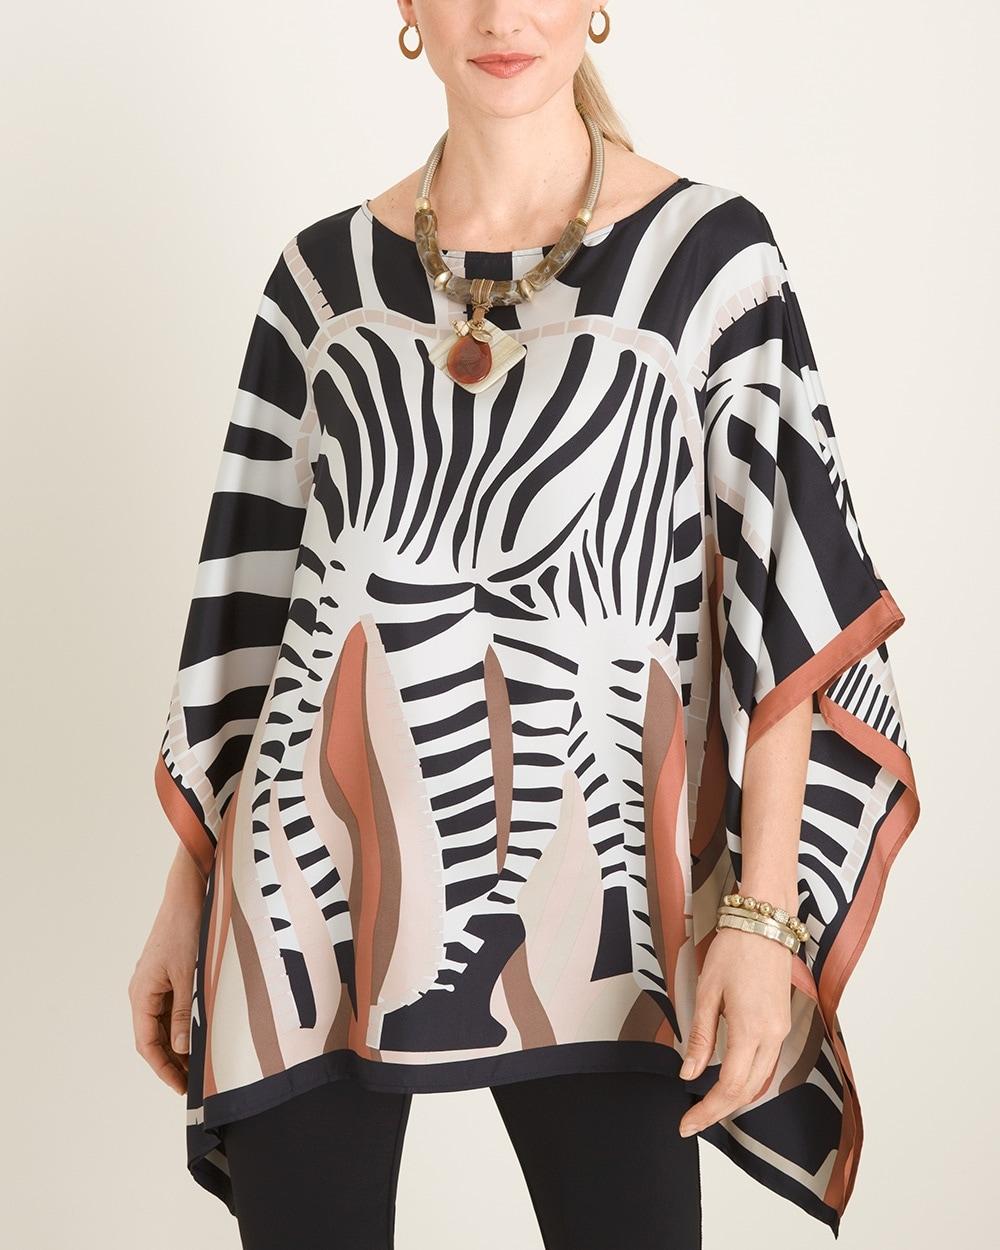 Zebra Poncho One Size